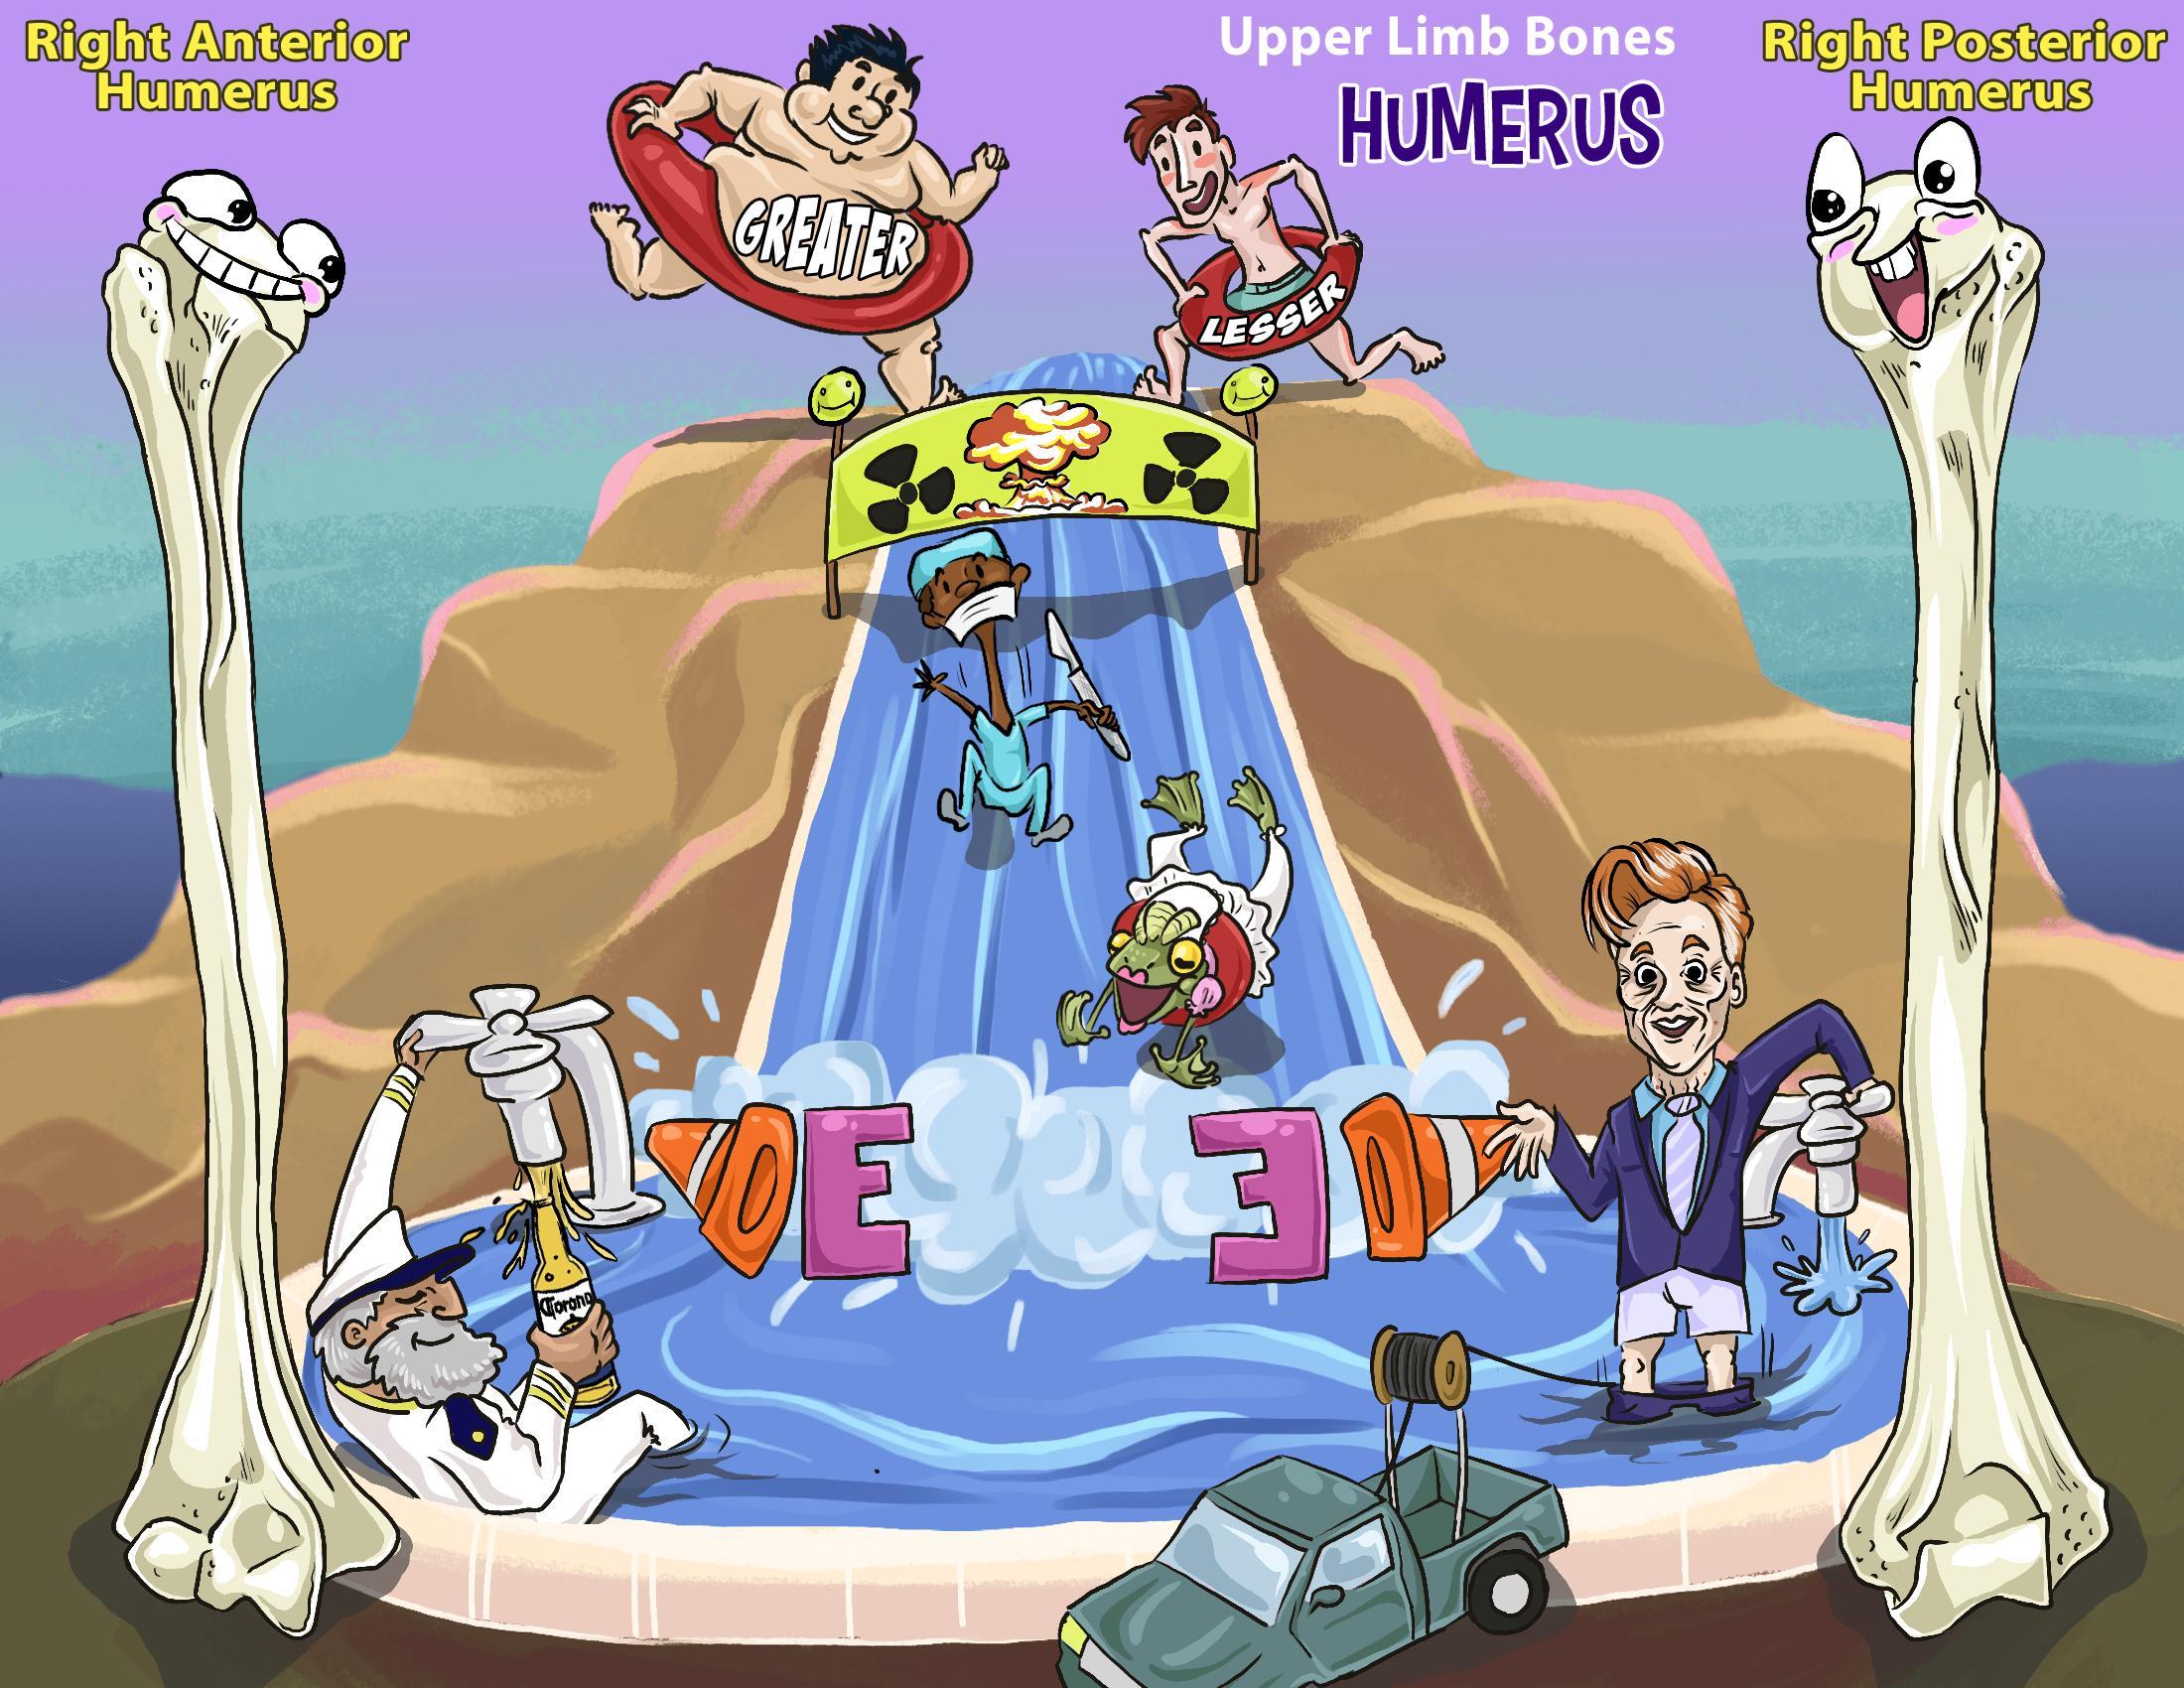 Upper Limb Bones - Humerus